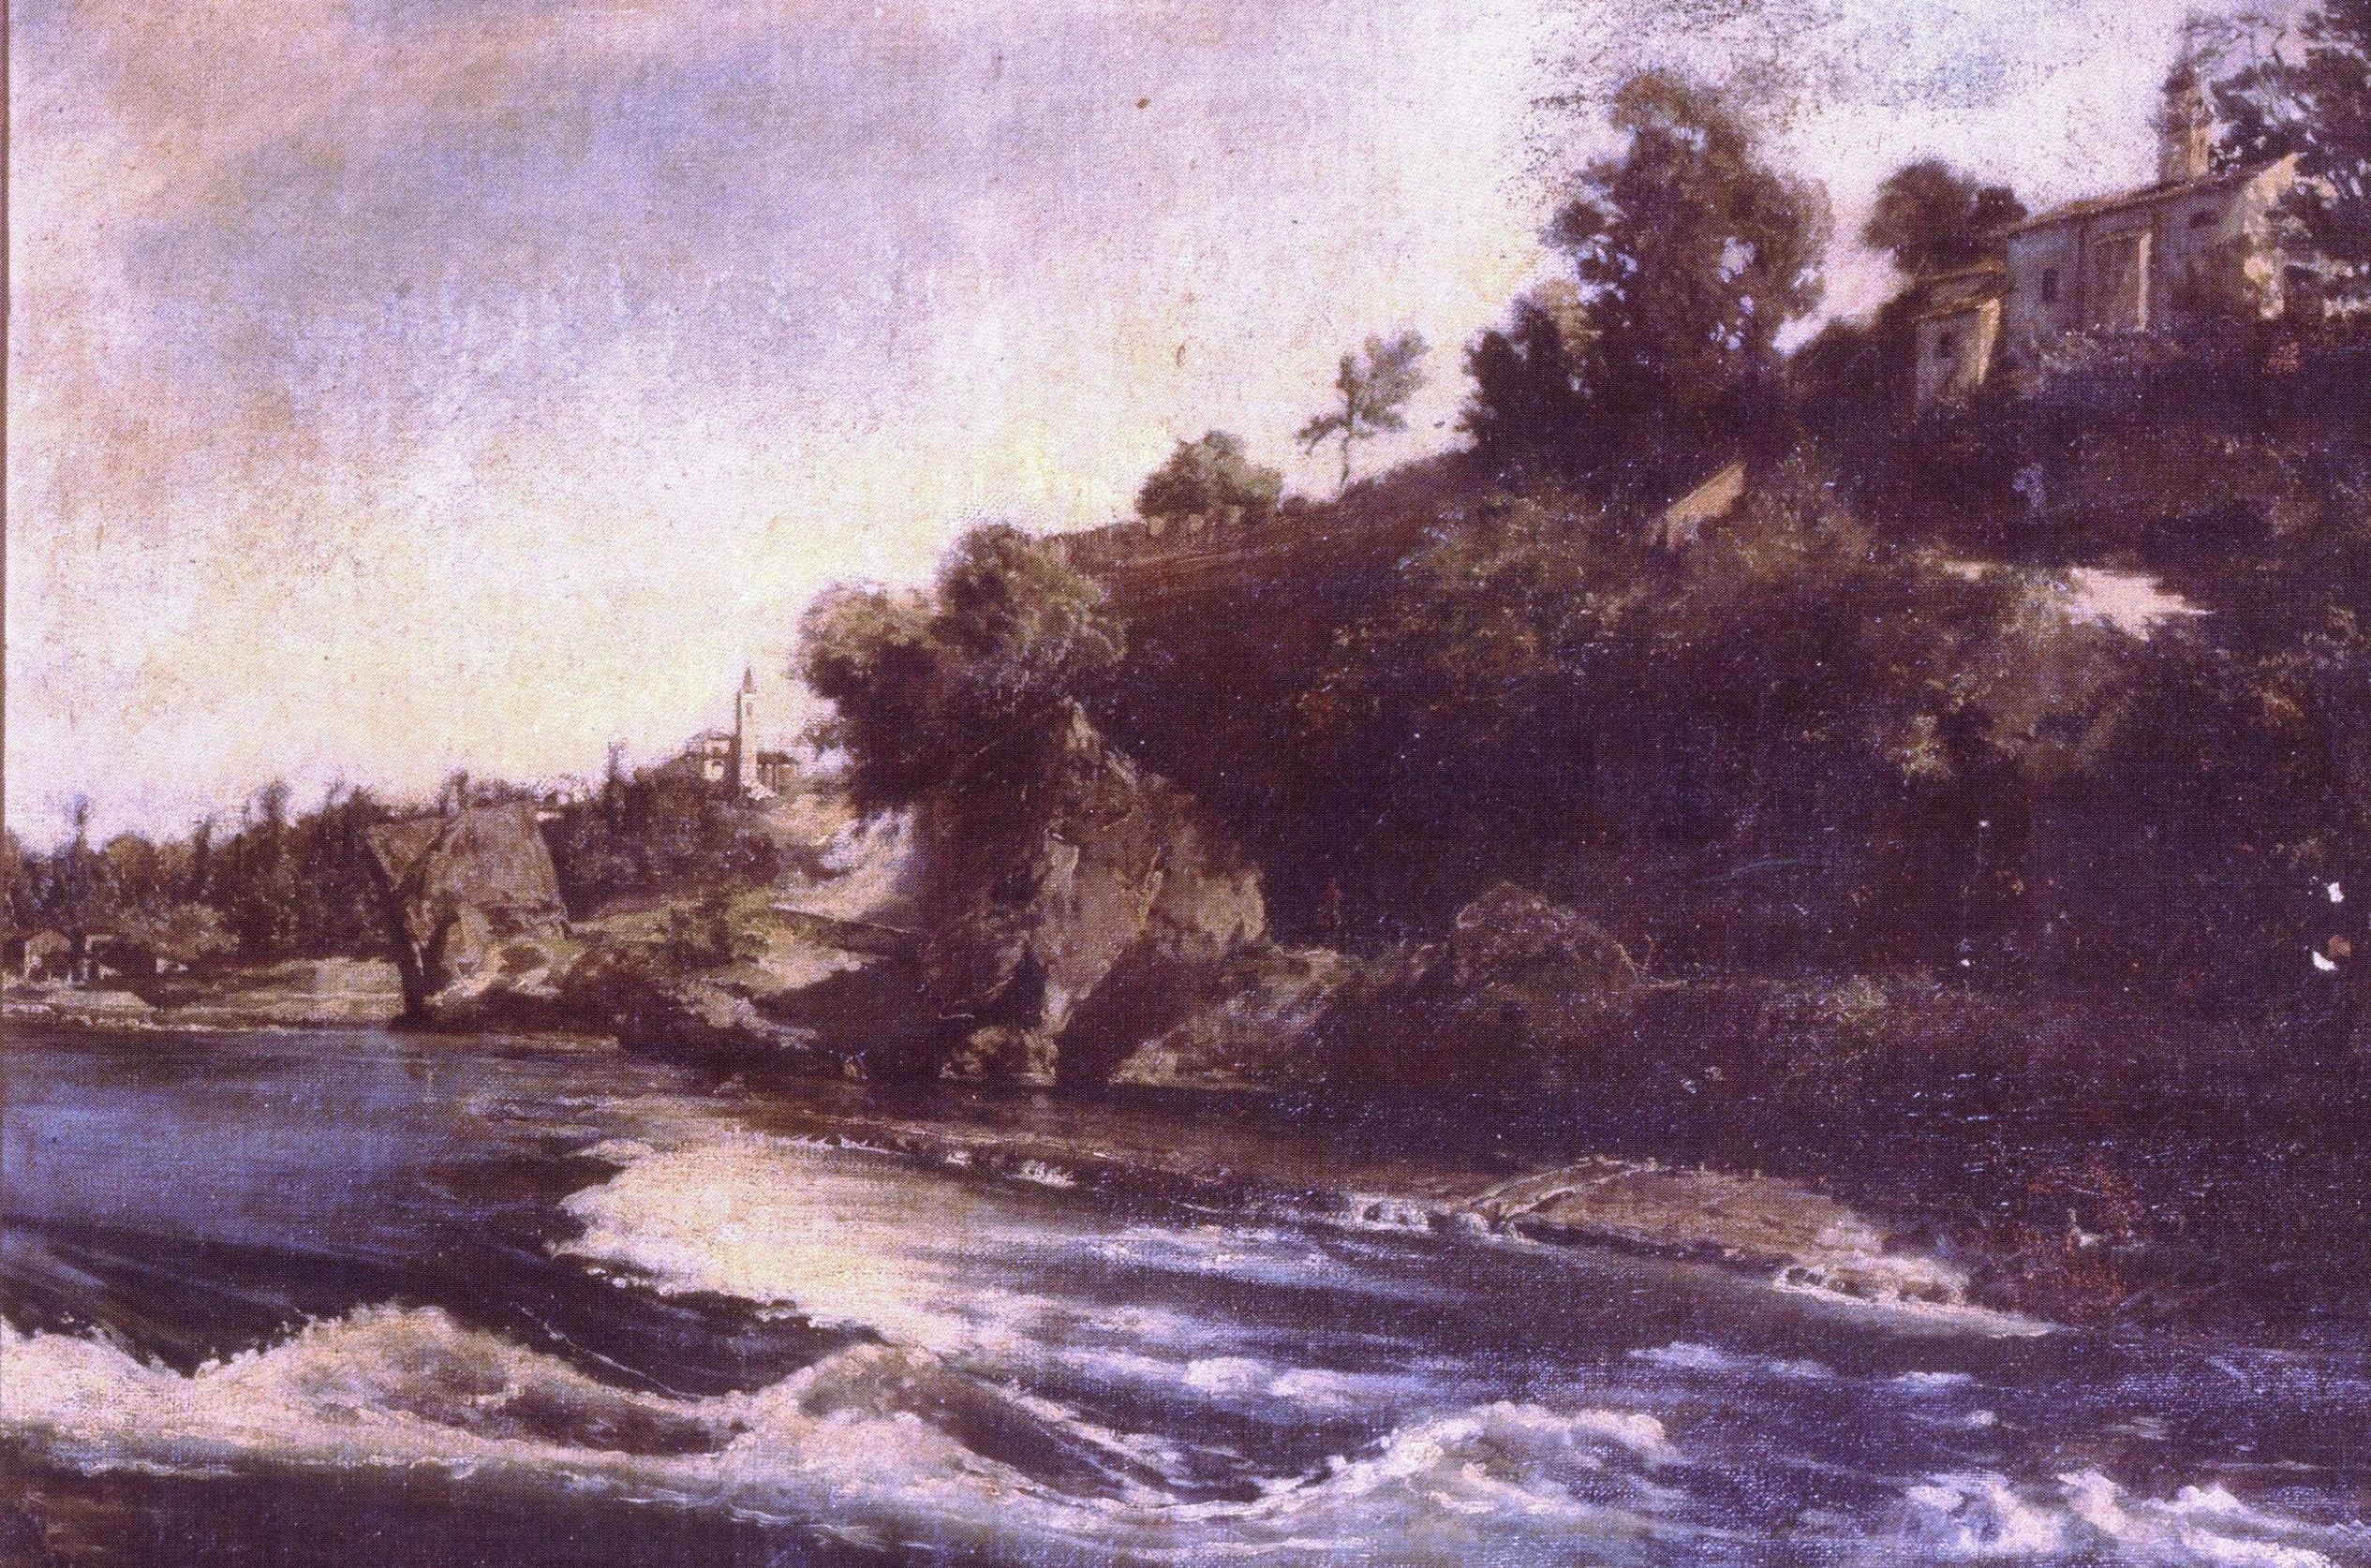 Adda dei naufragi: le azzurre tombe del 1792